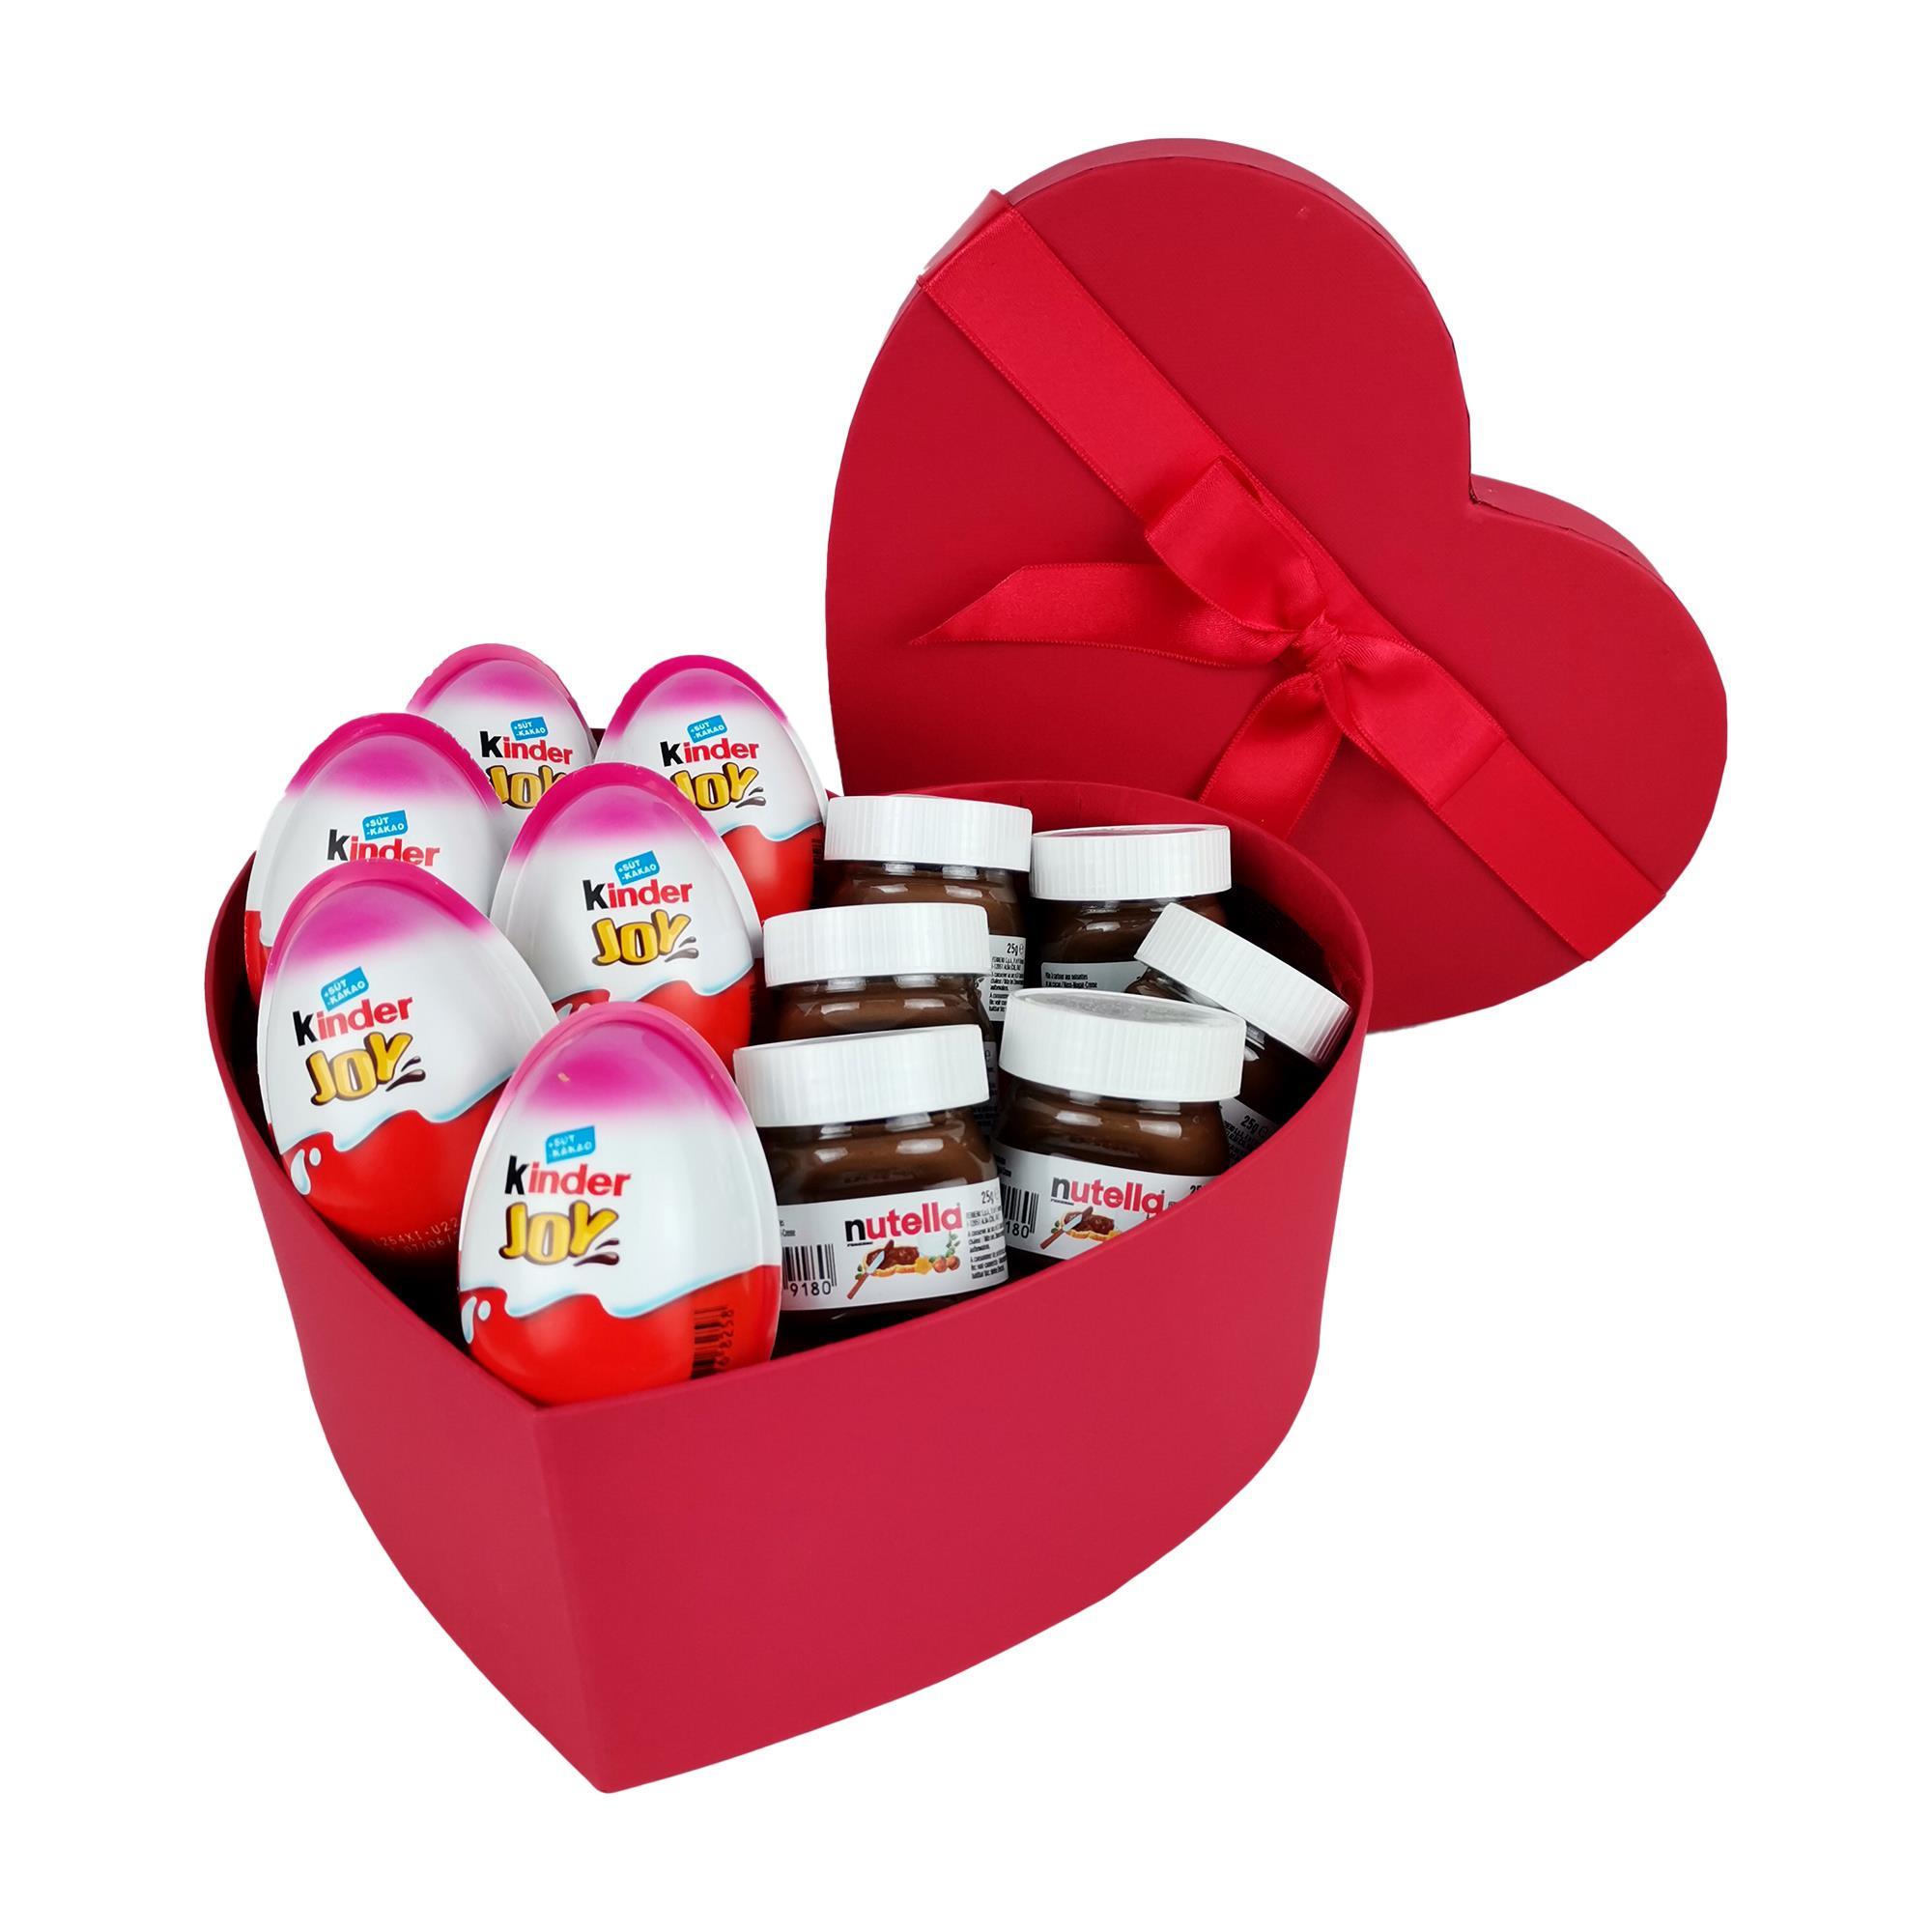 Yılbaşına Özel Kinder ve Nutella Dolu Kalpli Hediye Kutusu